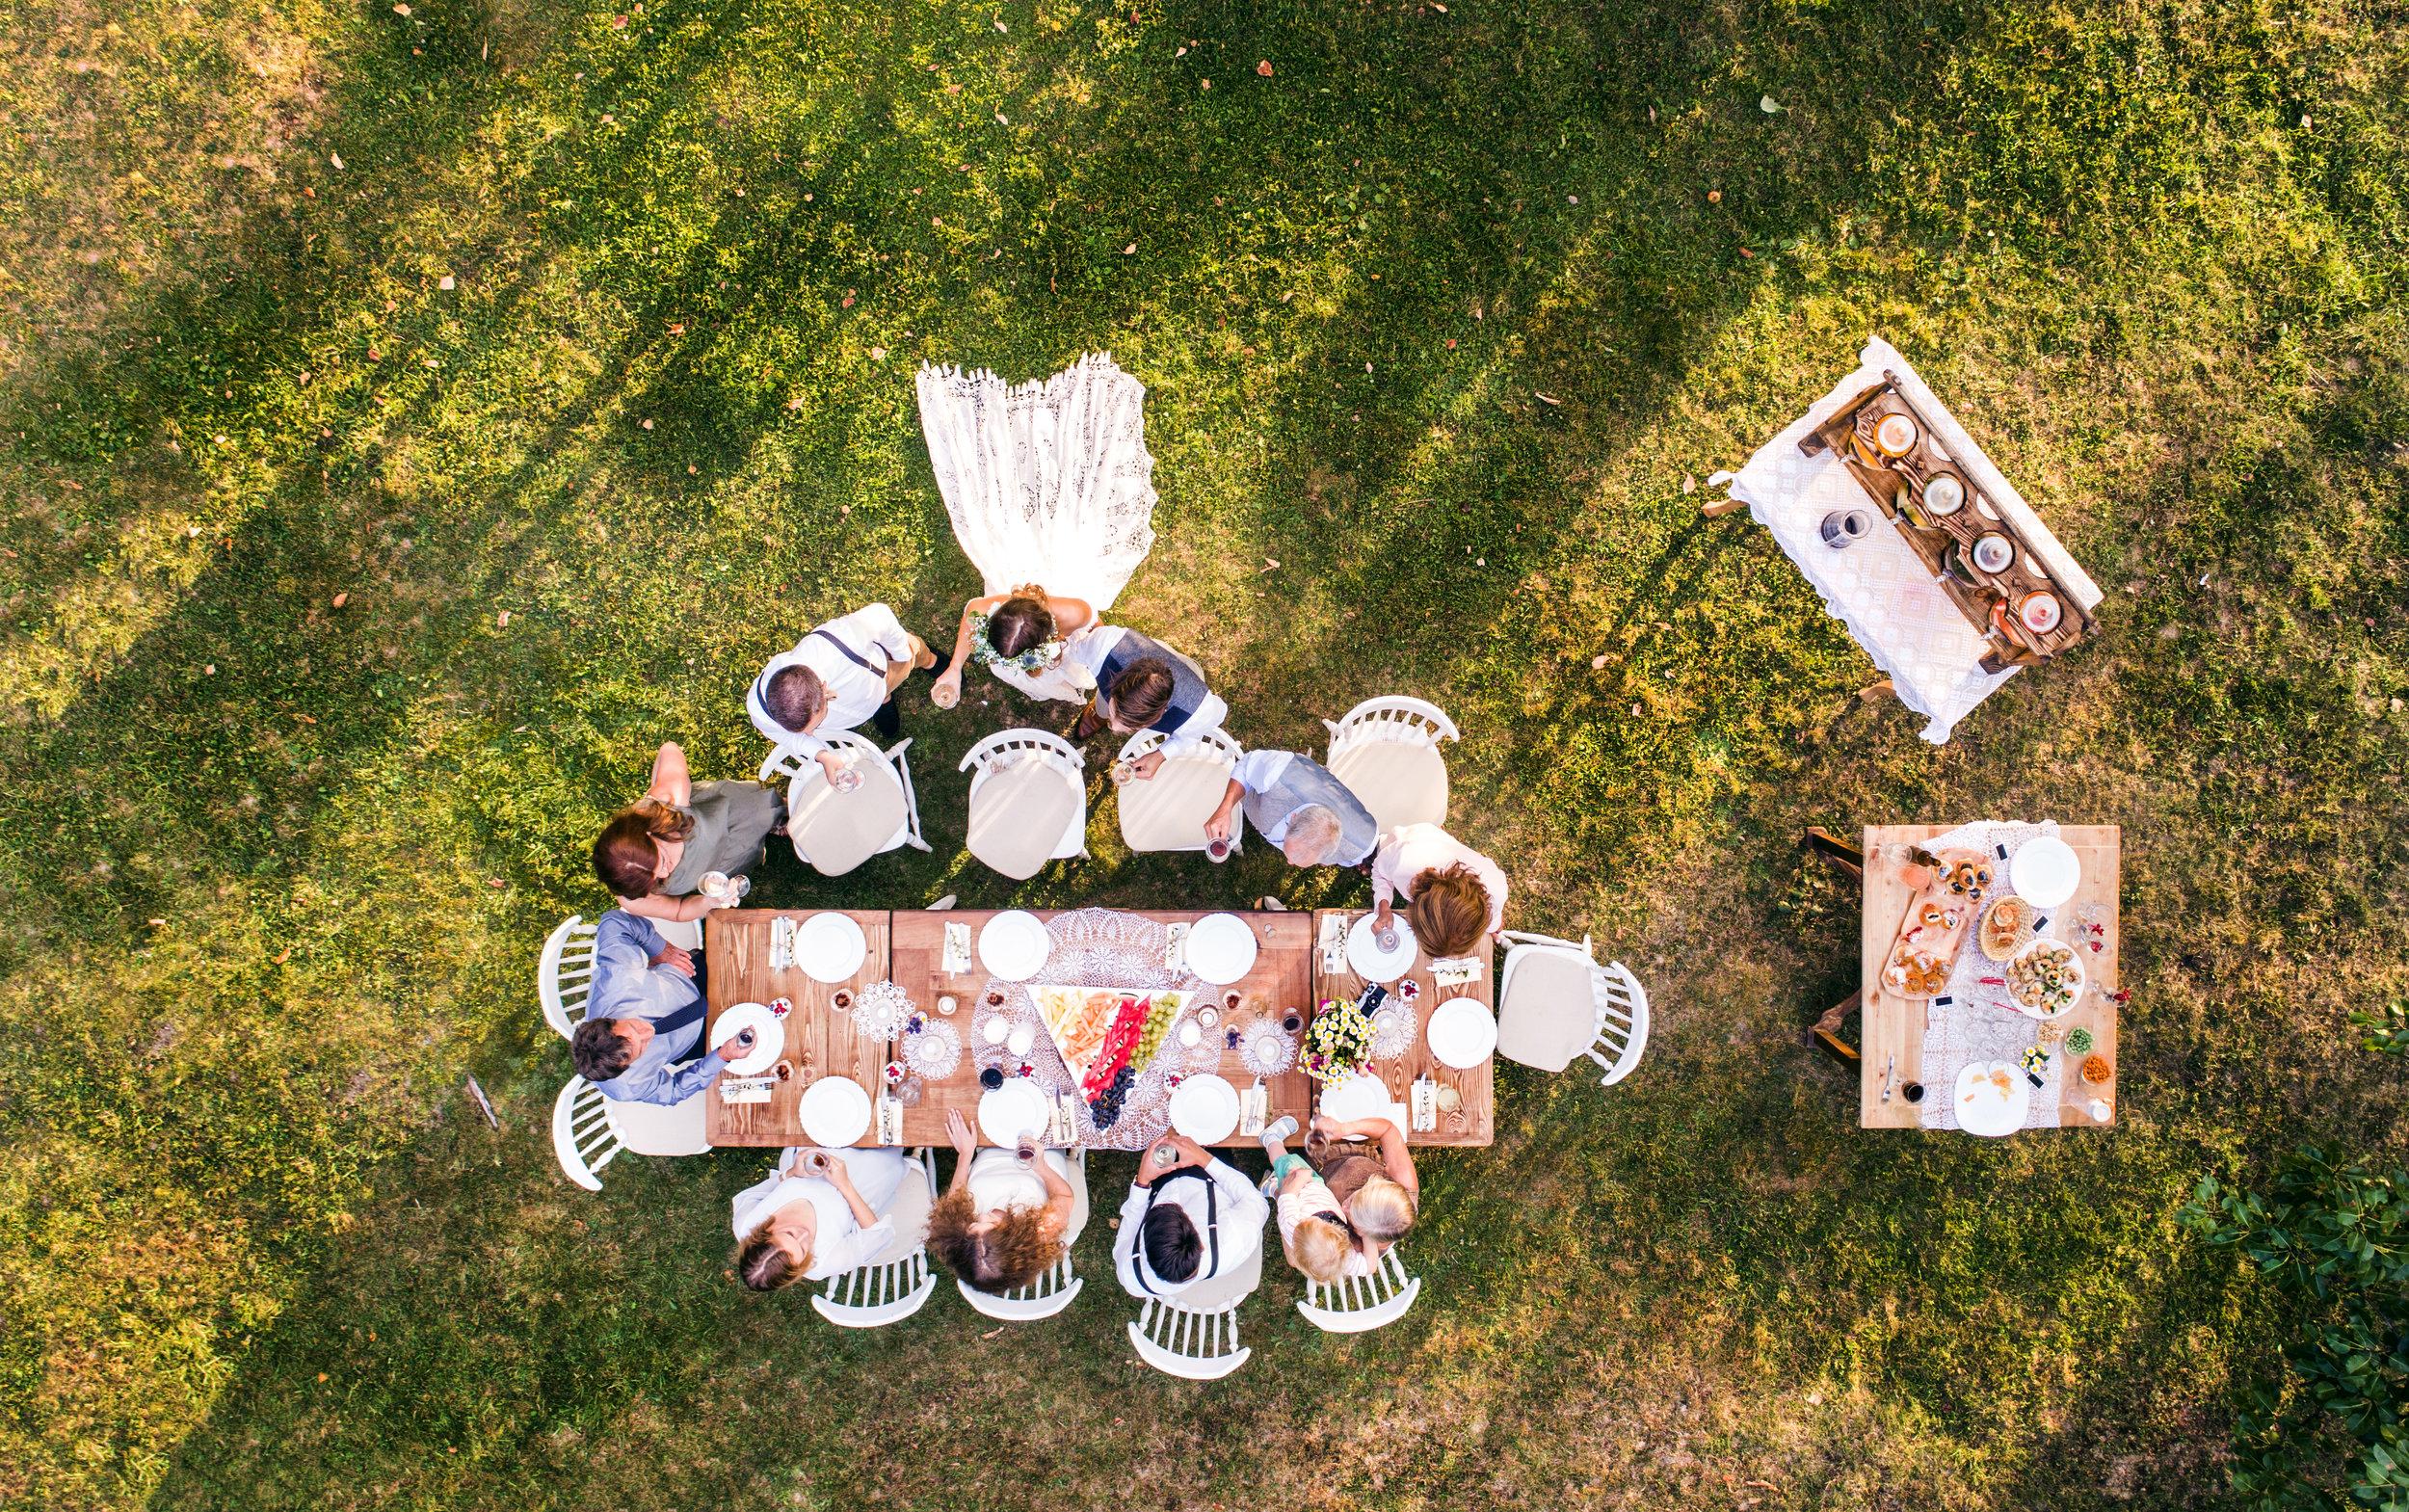 wedding-reception-outside-in-the-backyard-PE45CLS.jpg